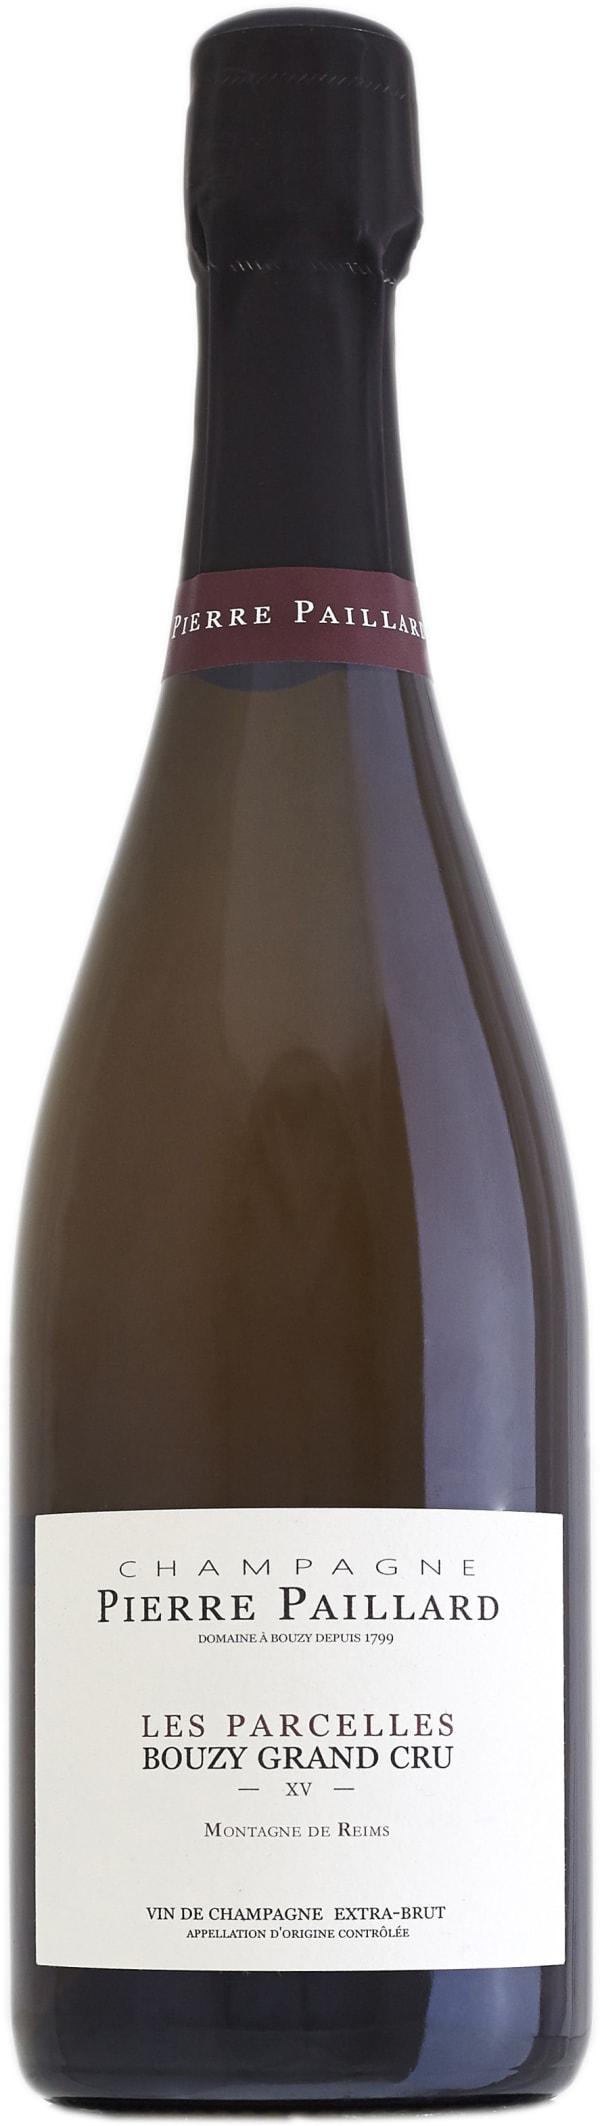 Pierre Paillard Les Parcelles Bouzy Grand Cru Champagne Extra Brut